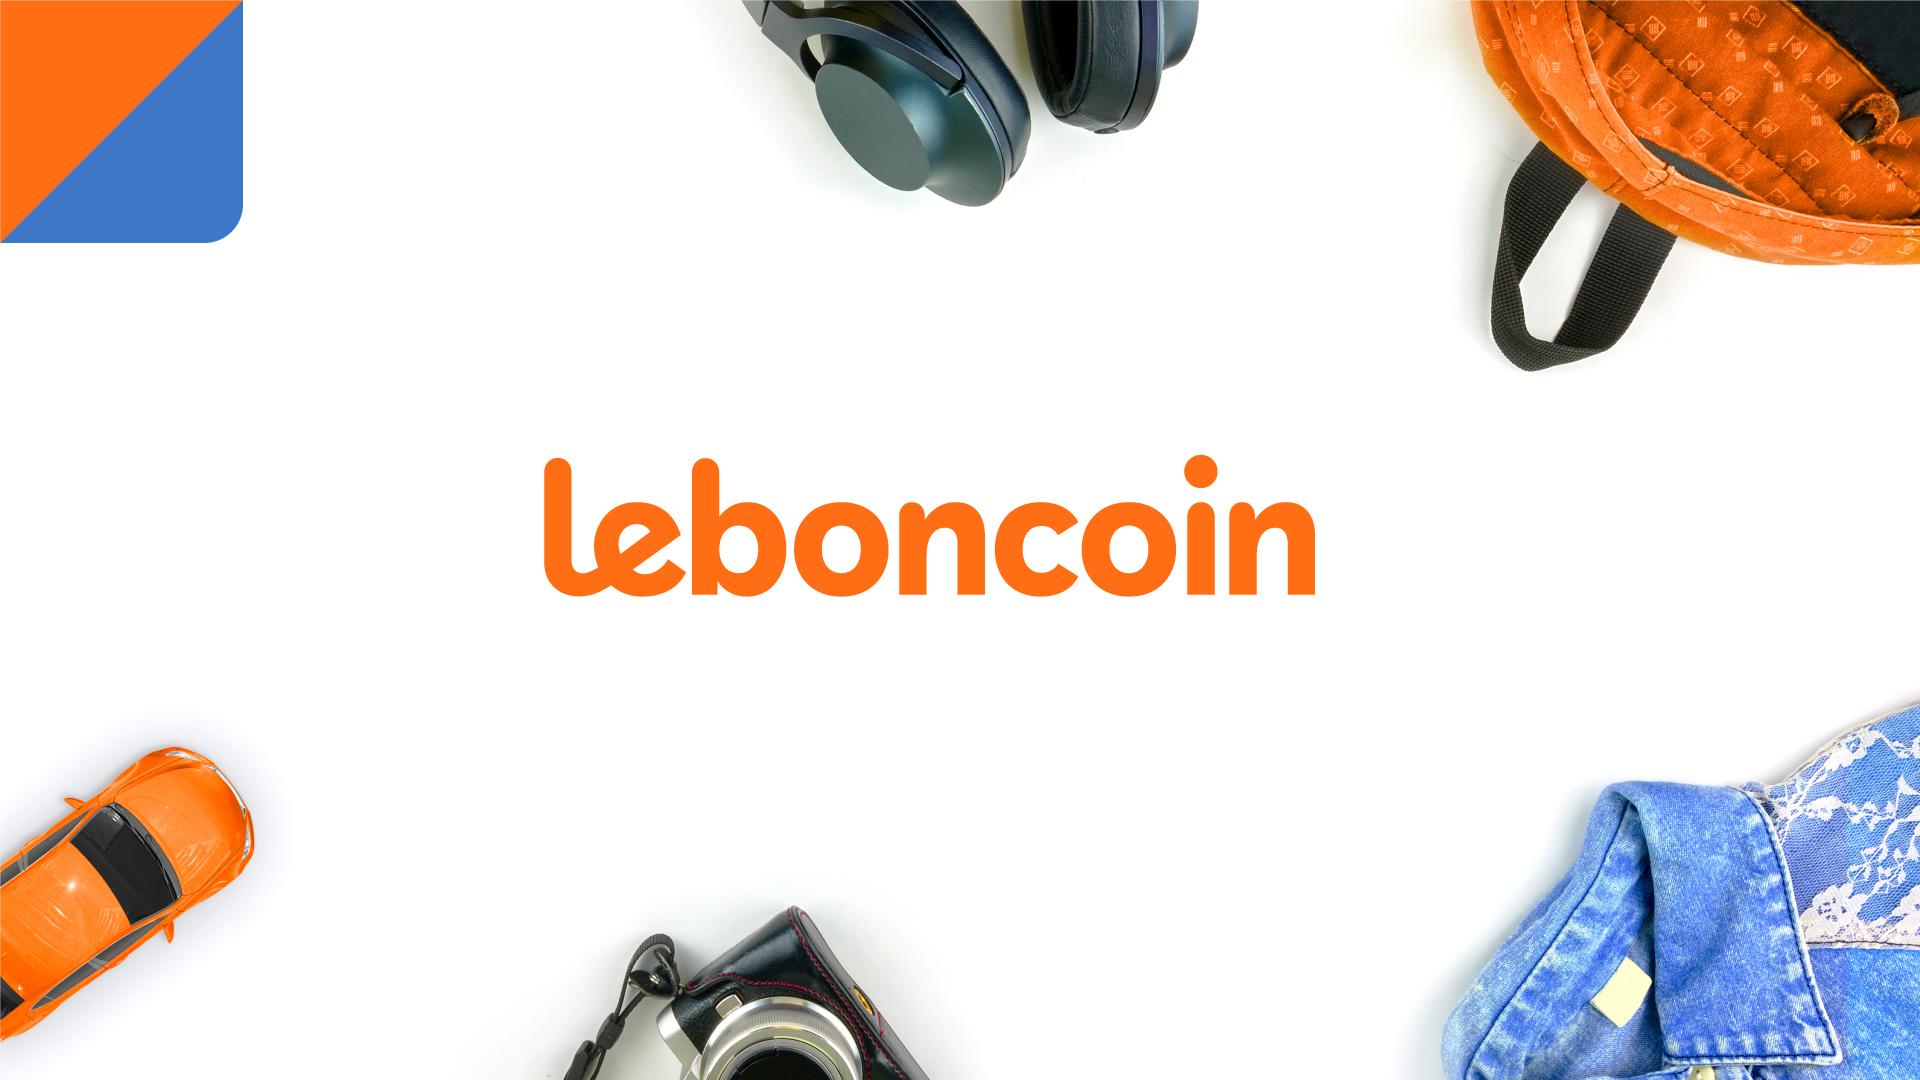 logo-Leboncoin_002